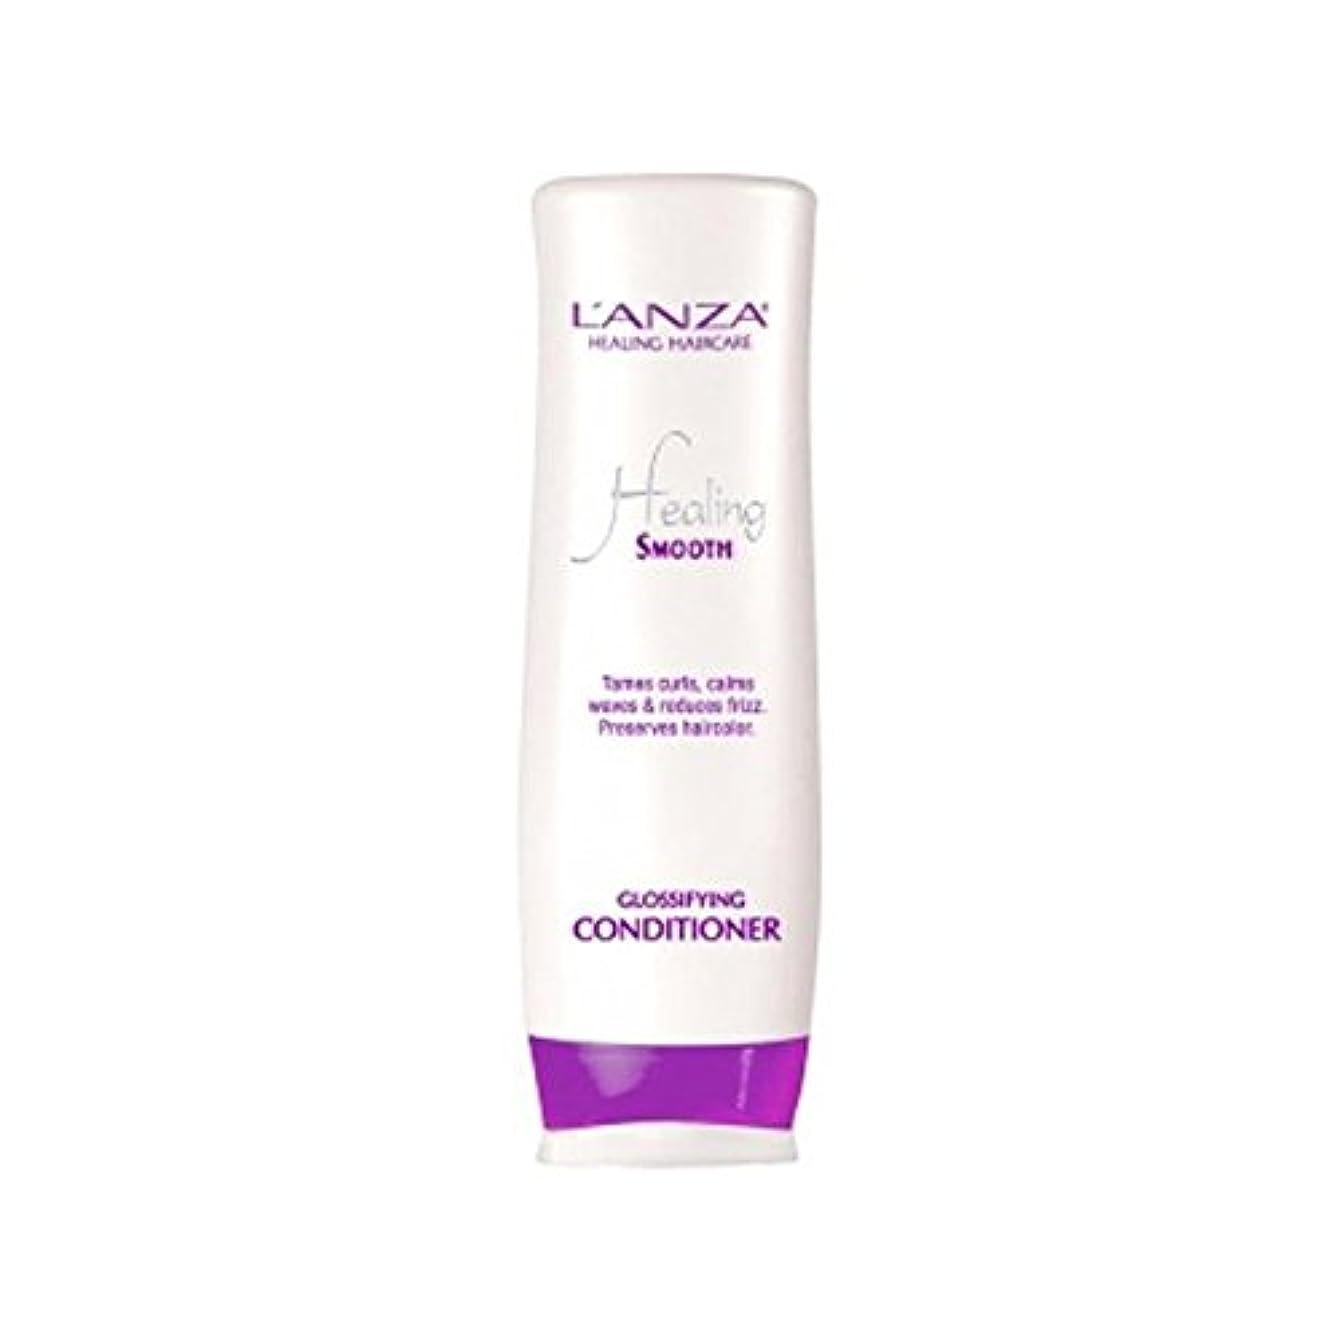 ルアーつまらない恐怖L'Anza Healing Smooth Glossifying Conditioner (250ml) (Pack of 6) - スムーズなコンディショナーを癒し'アンザ(250ミリリットル) x6 [並行輸入品]